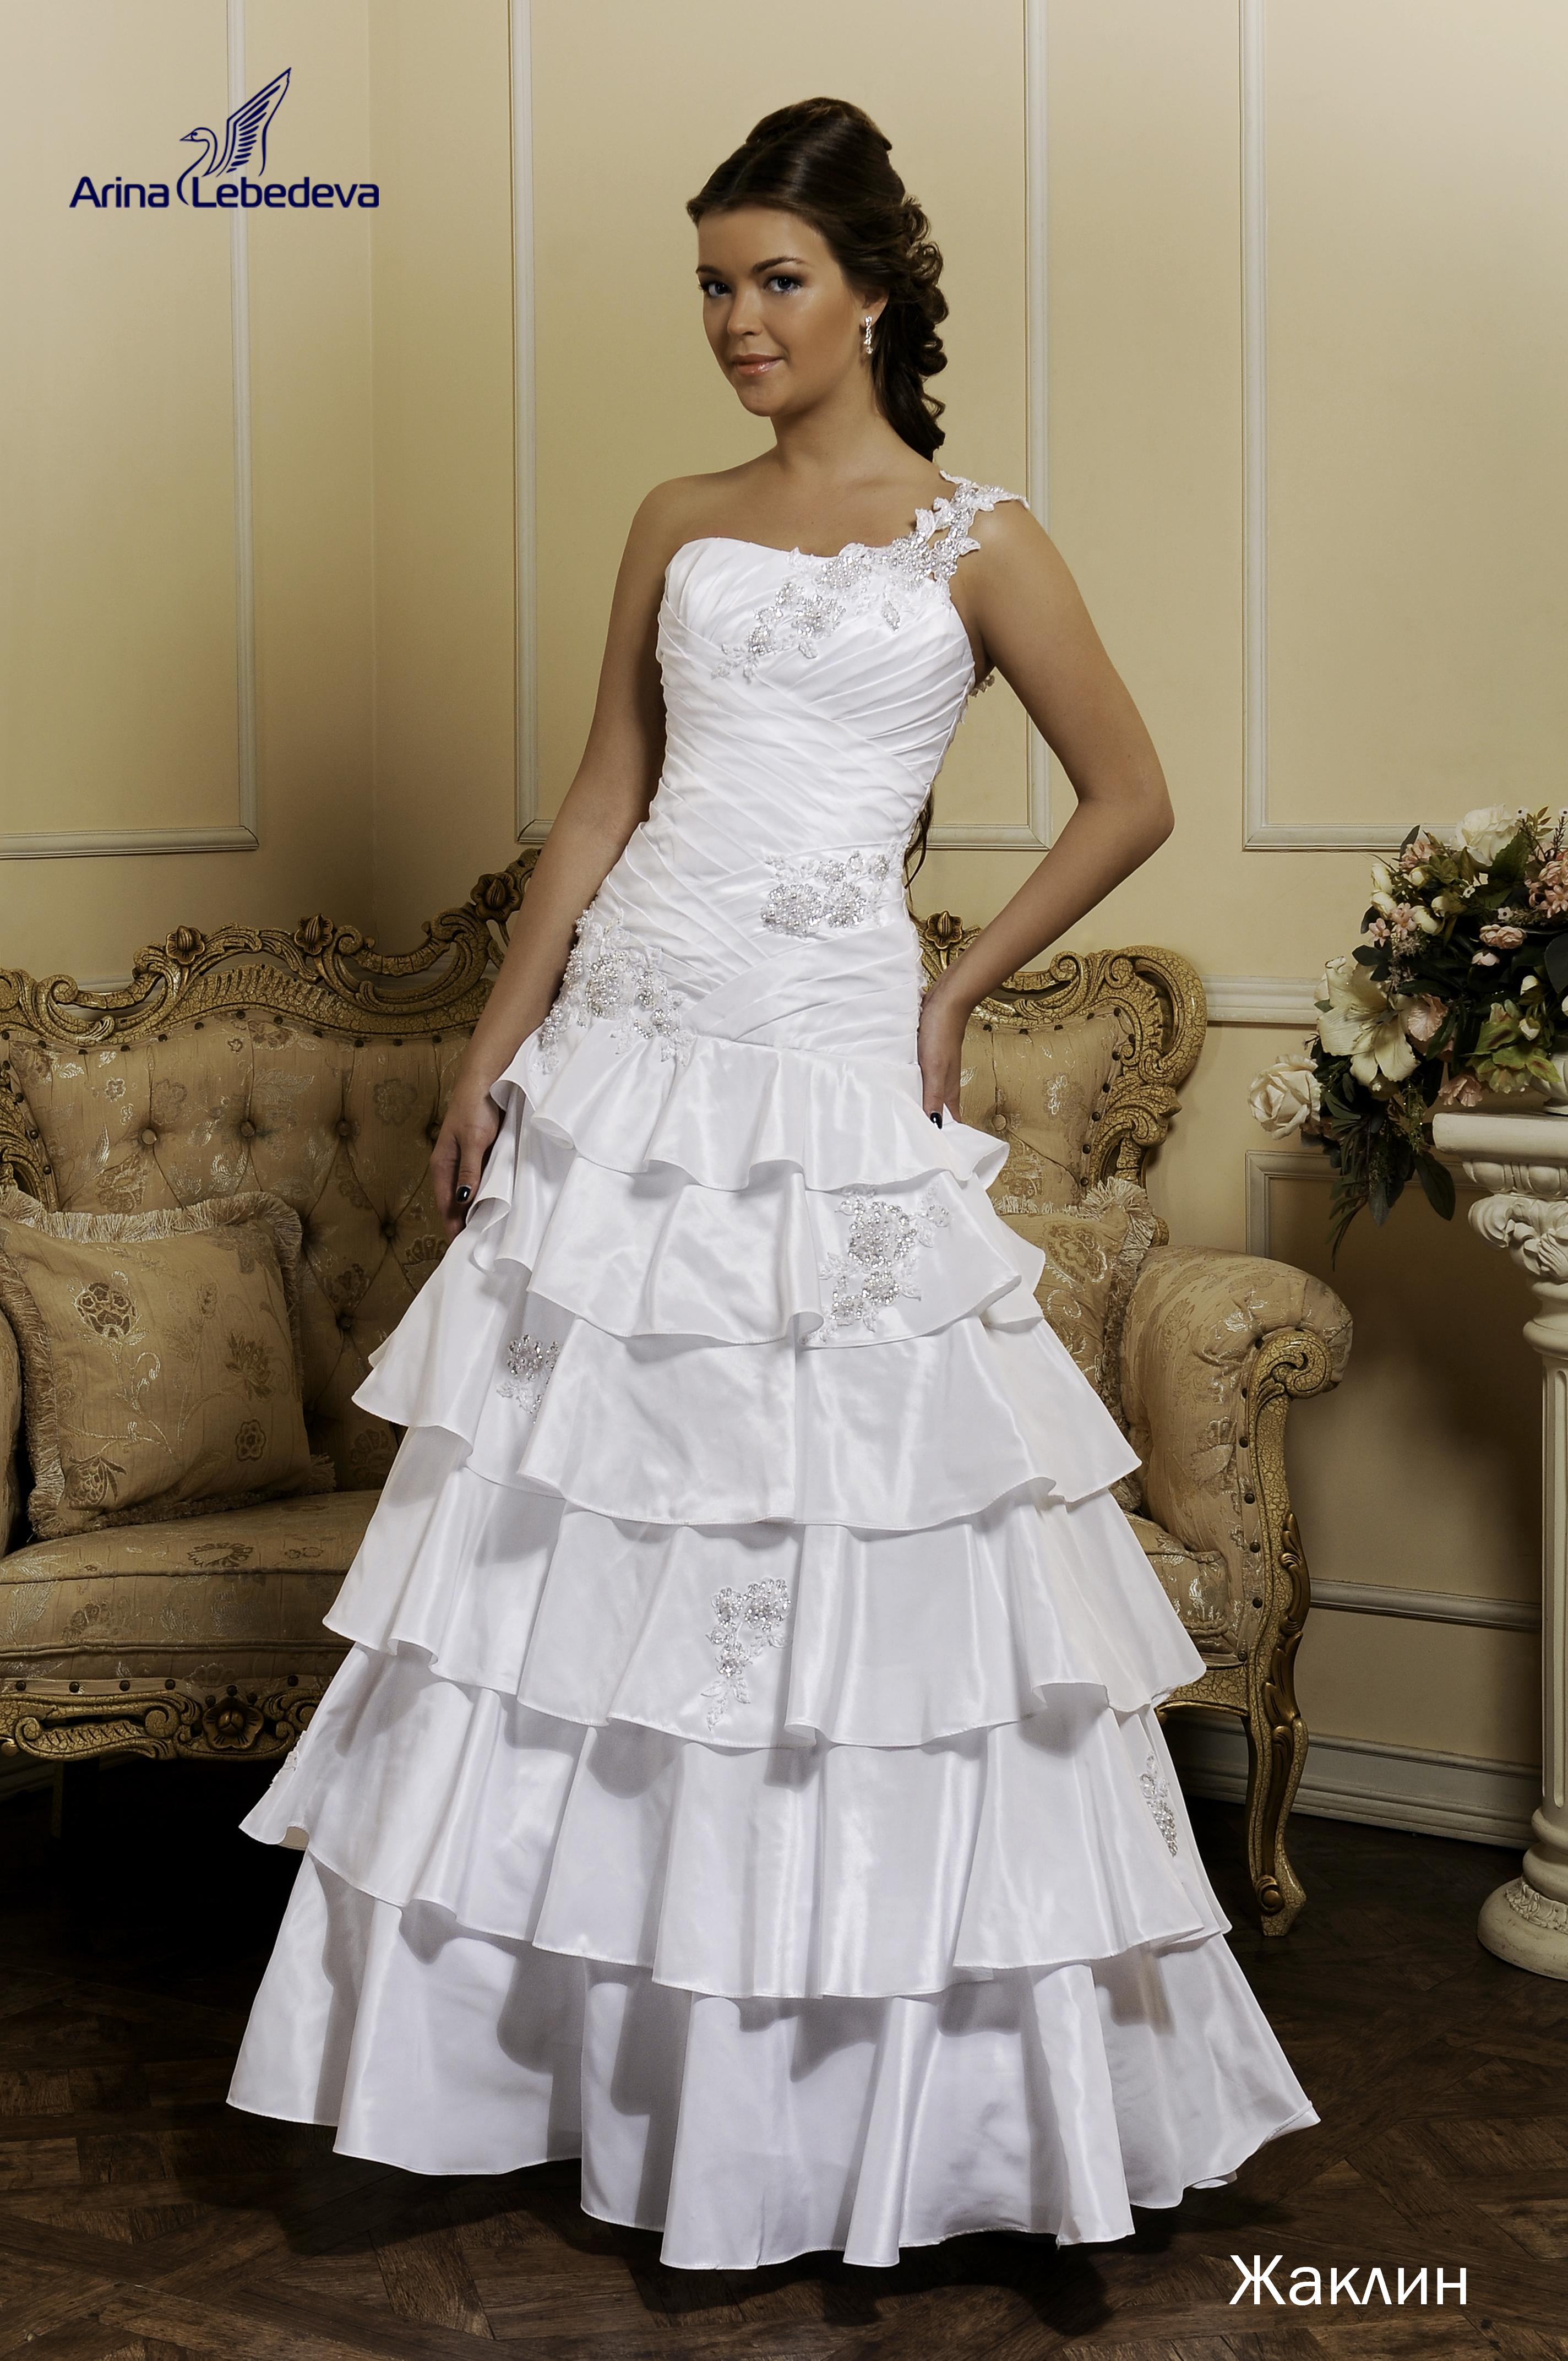 Недорогие свадебные платья. Купить дешевое свадебное платье в Москве в свадебном салоне Красотка